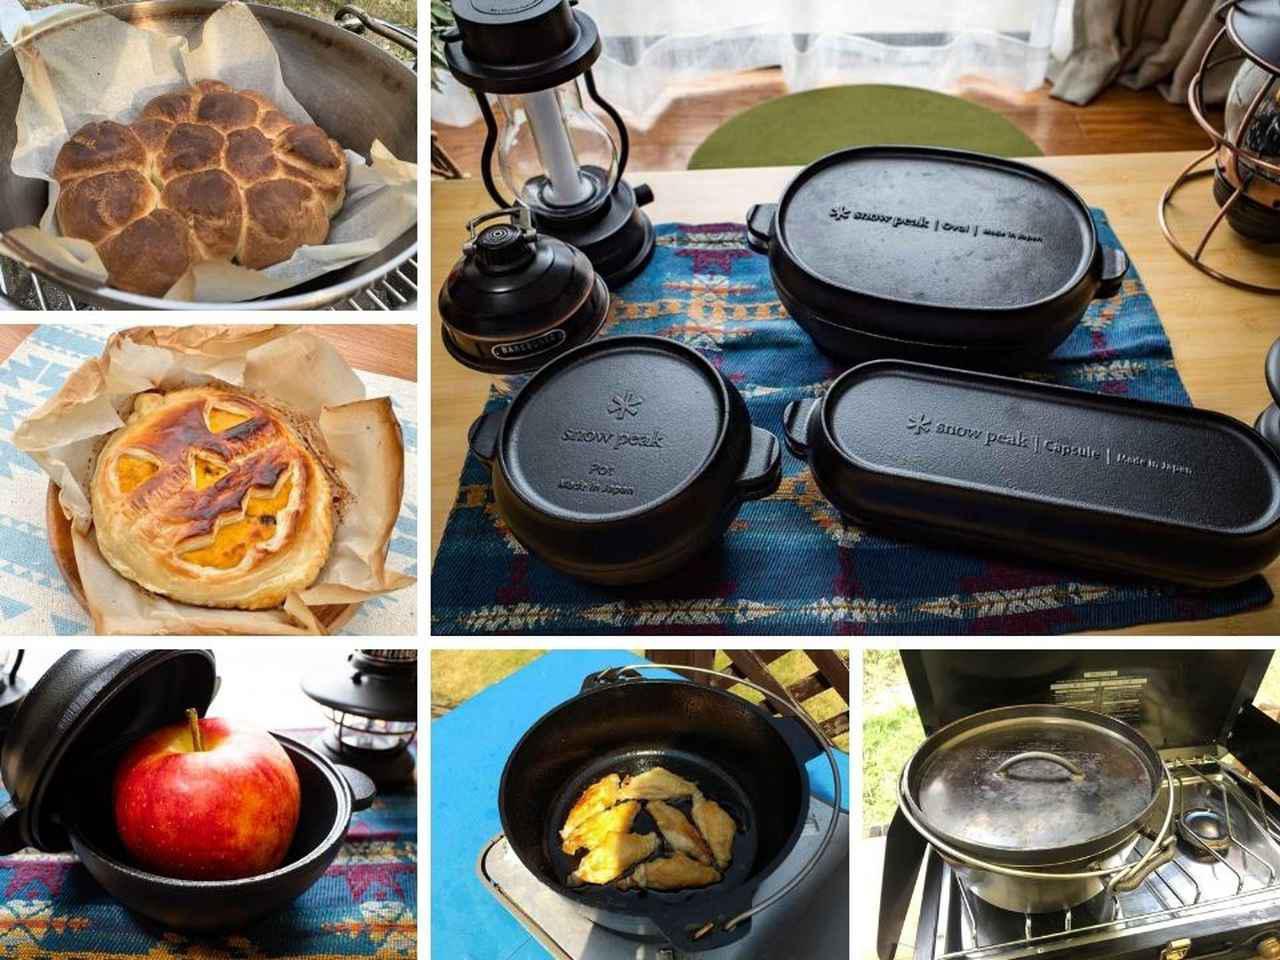 画像: 【まとめ】ダッチオーブンのおすすめ4選&絶品レシピ10選! ニトリ・ユニフレーム・スノーピークなど人気商品レビューを一挙公開 - ハピキャン|キャンプ・アウトドア情報メディア